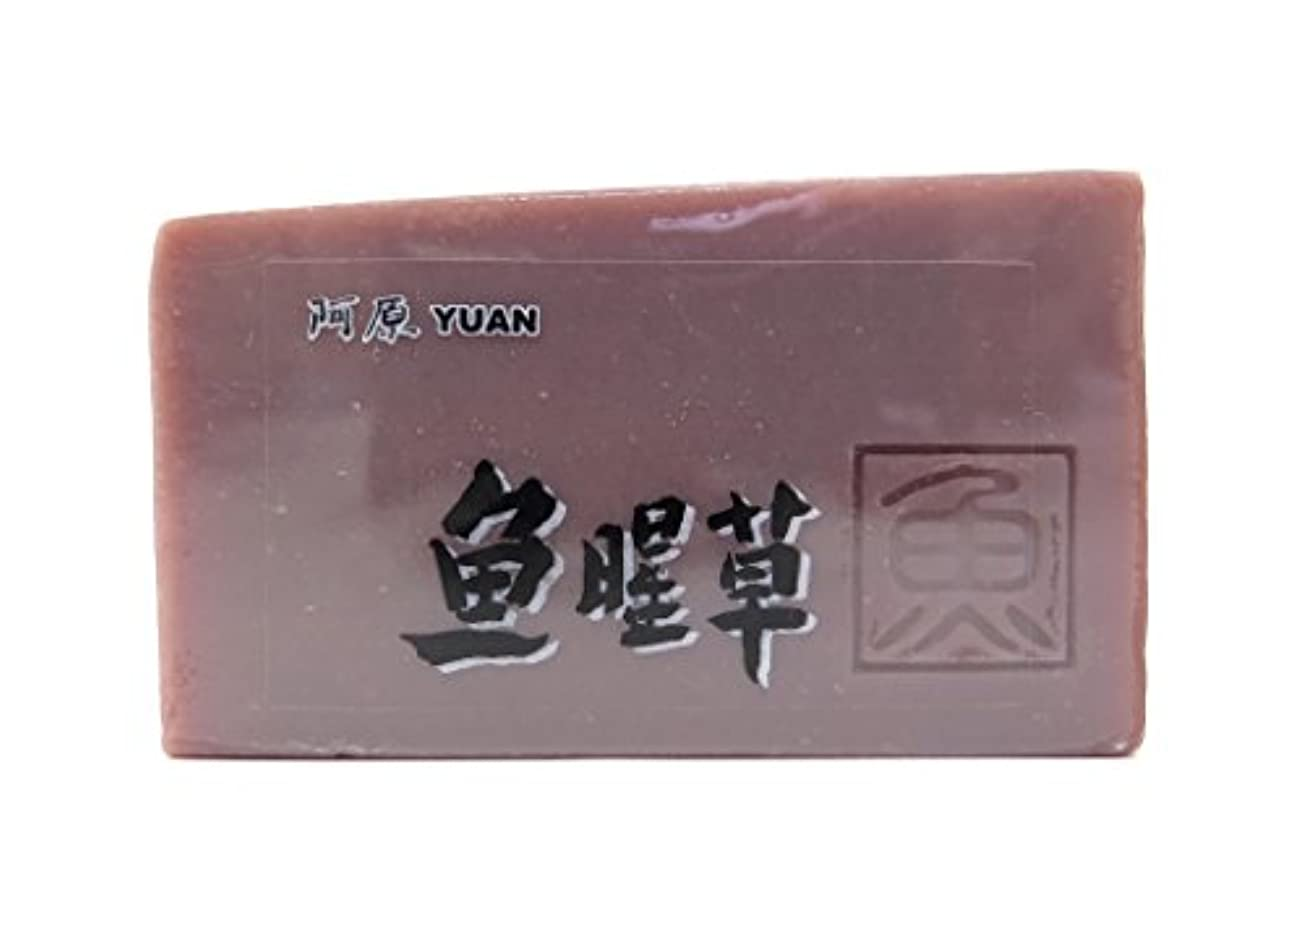 難破船回復政策ユアン(YUAN) ドクダミソープ 固形 100g (阿原 ユアンソープ)